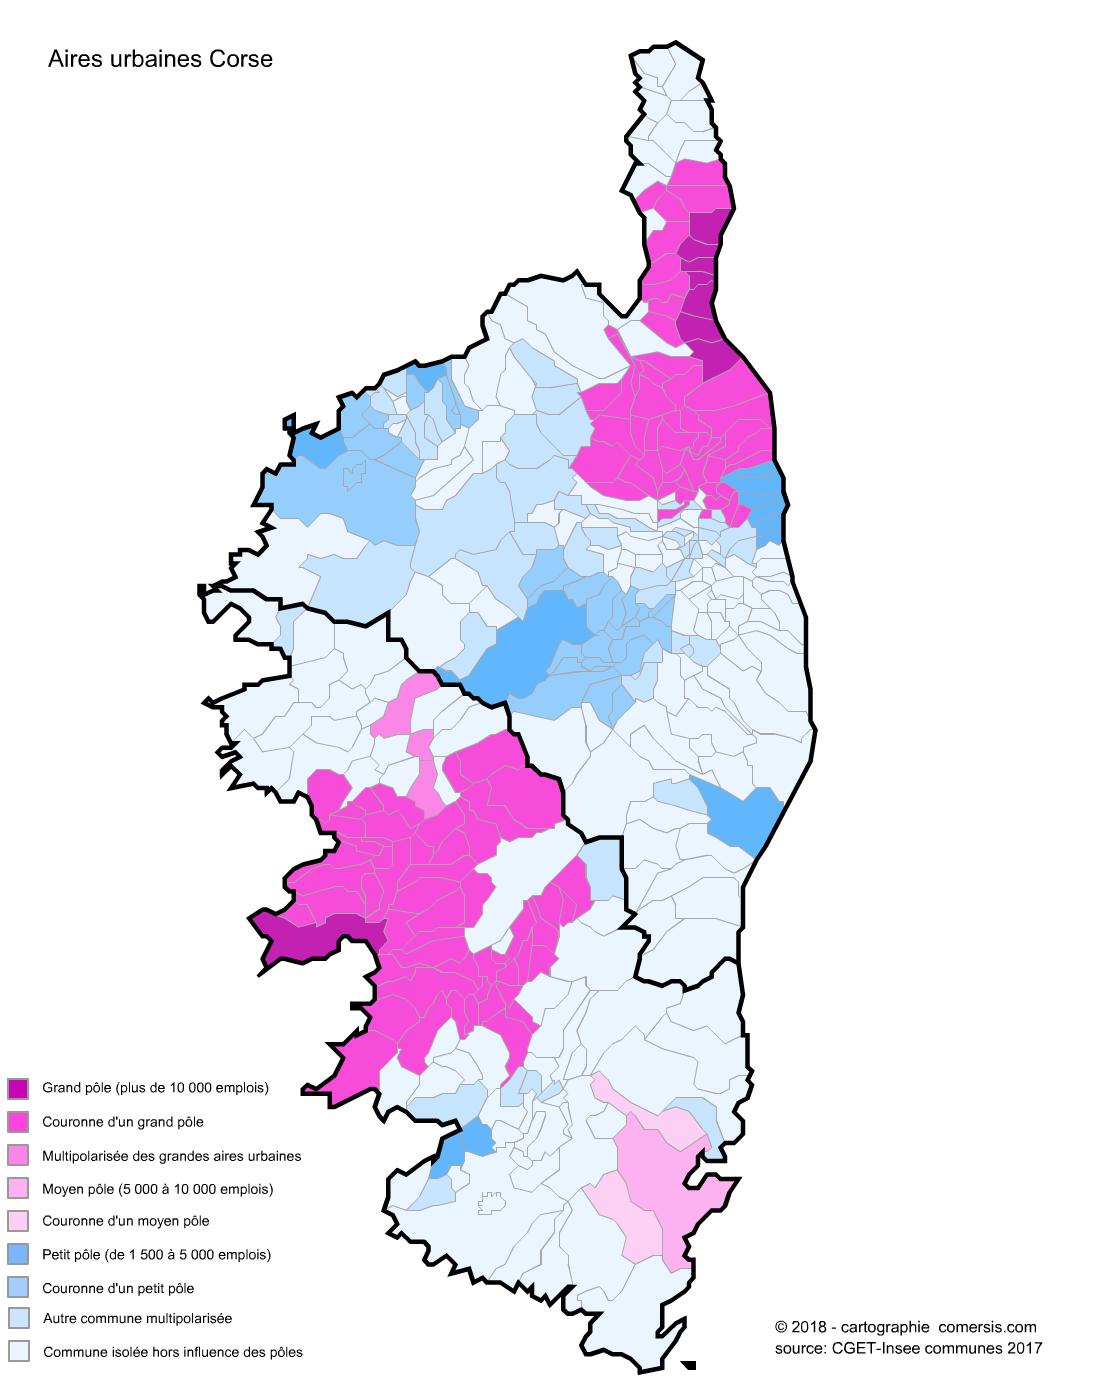 Carte des aires urbaines de Corse